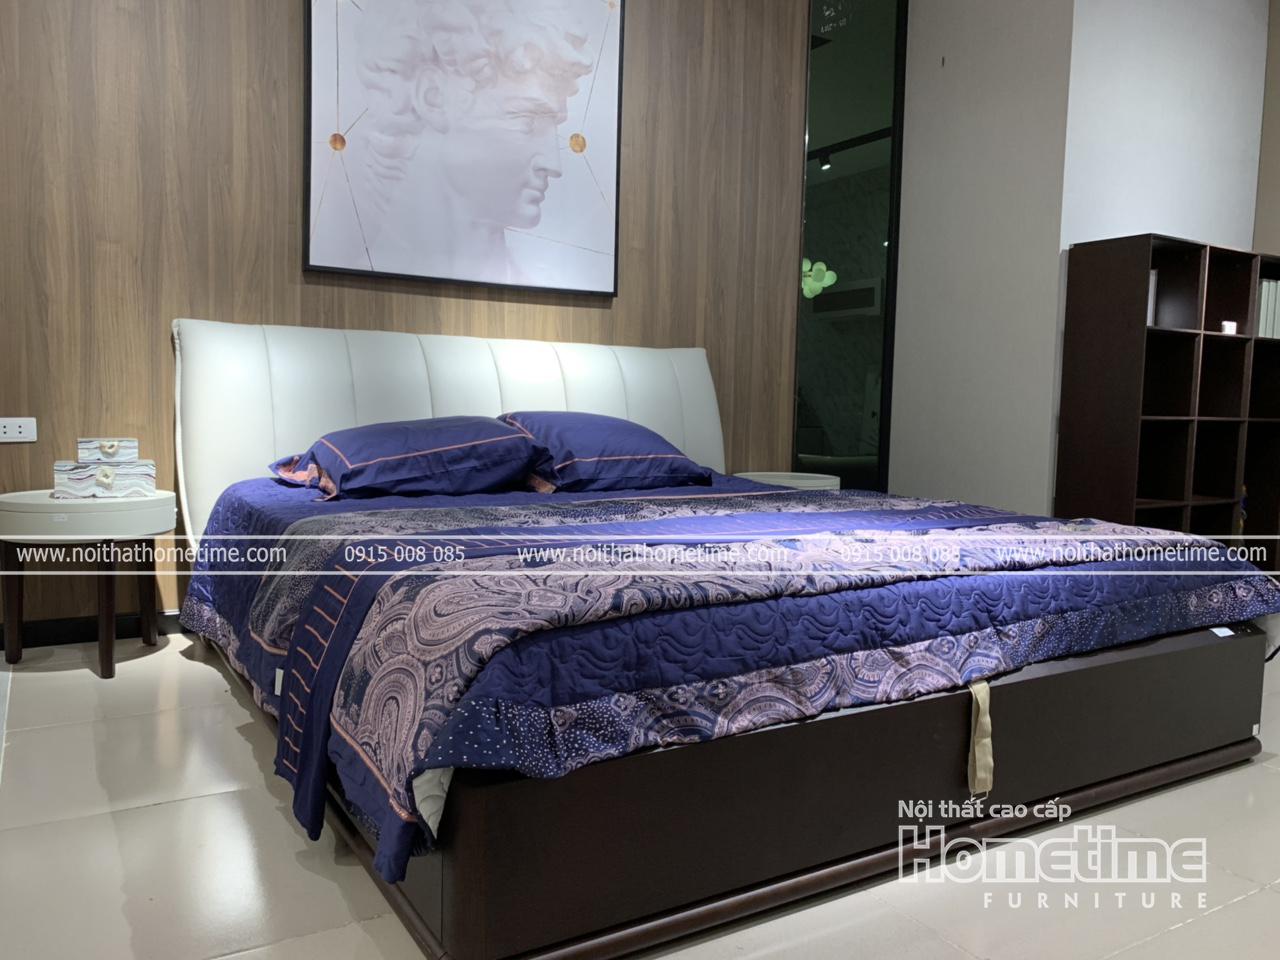 Giường ngủ đẹp nhập khẩu cao cấp tại Hải Phòng - GNK801